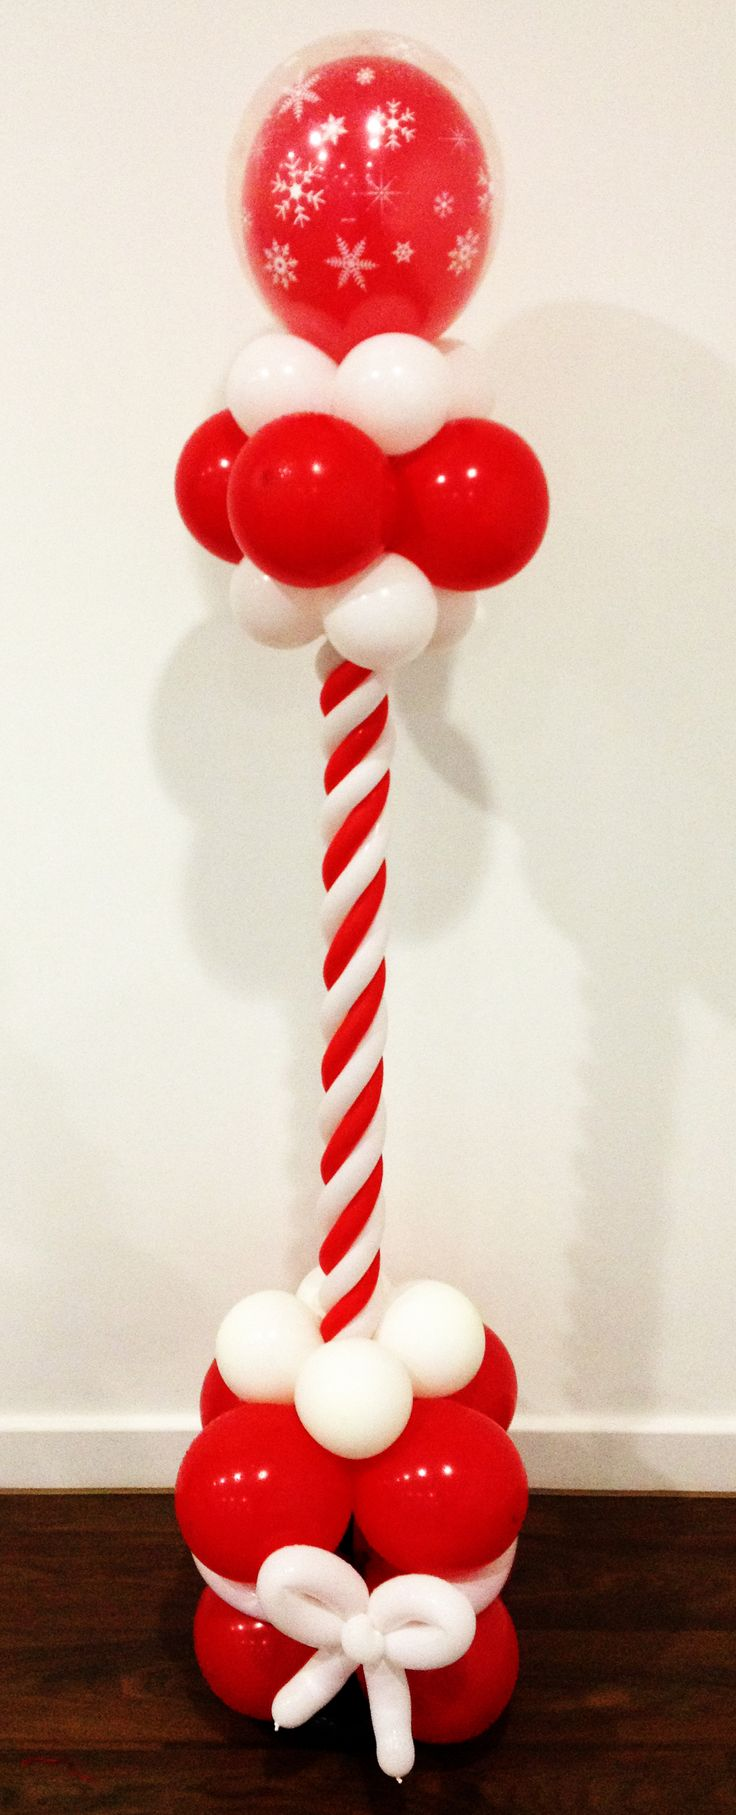 A Christmas Candy Cane inspired Balloon Column